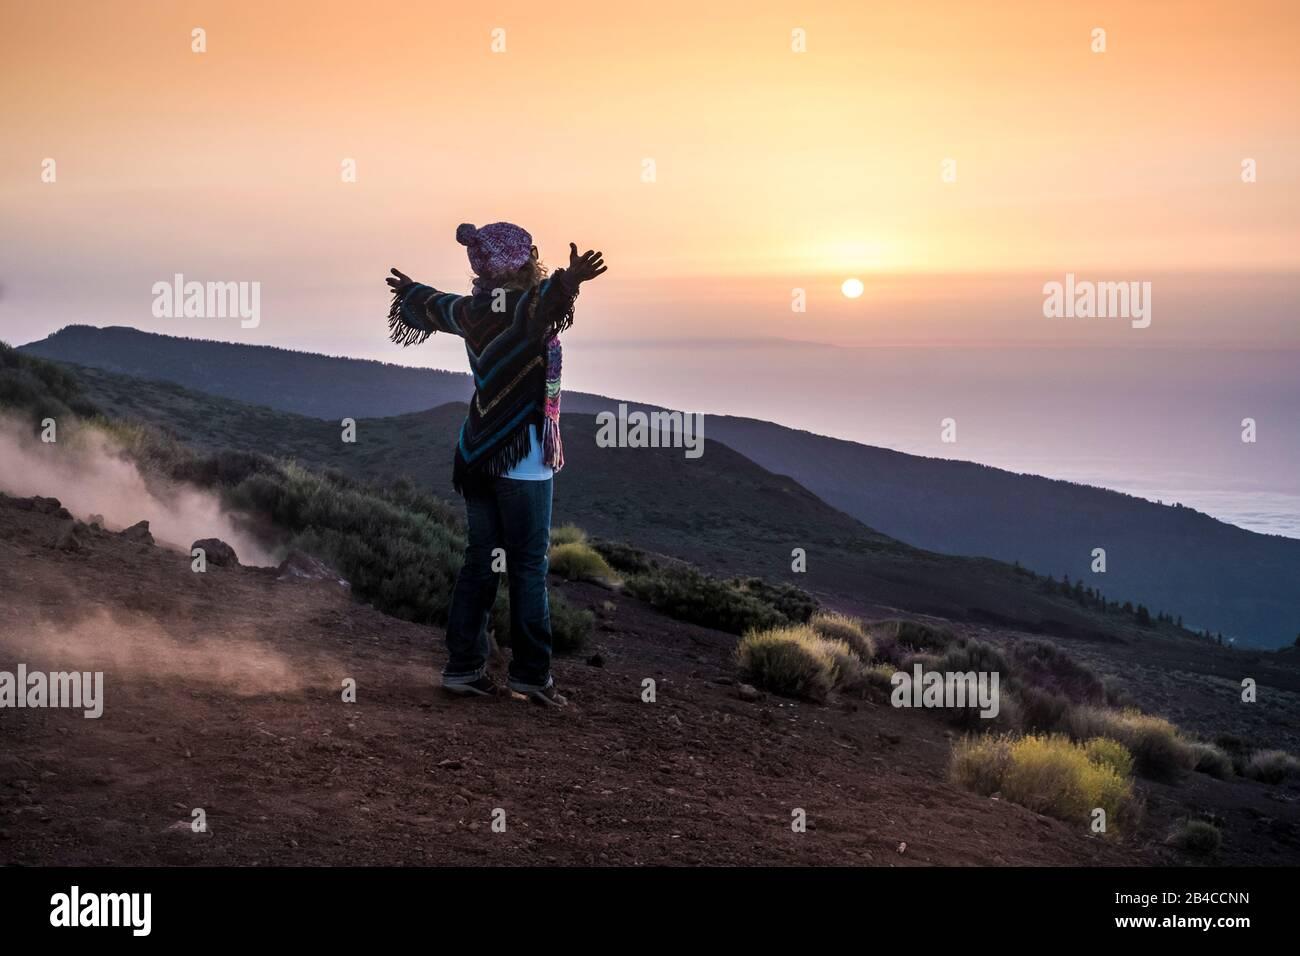 les gens qui profitent de la nature ouverte à la montagne pendant le coucher du soleil - une femme active dans les activités de loisirs en plein air avec des bras ouverts - liberté et style de vie alternatif concept de voyage Banque D'Images